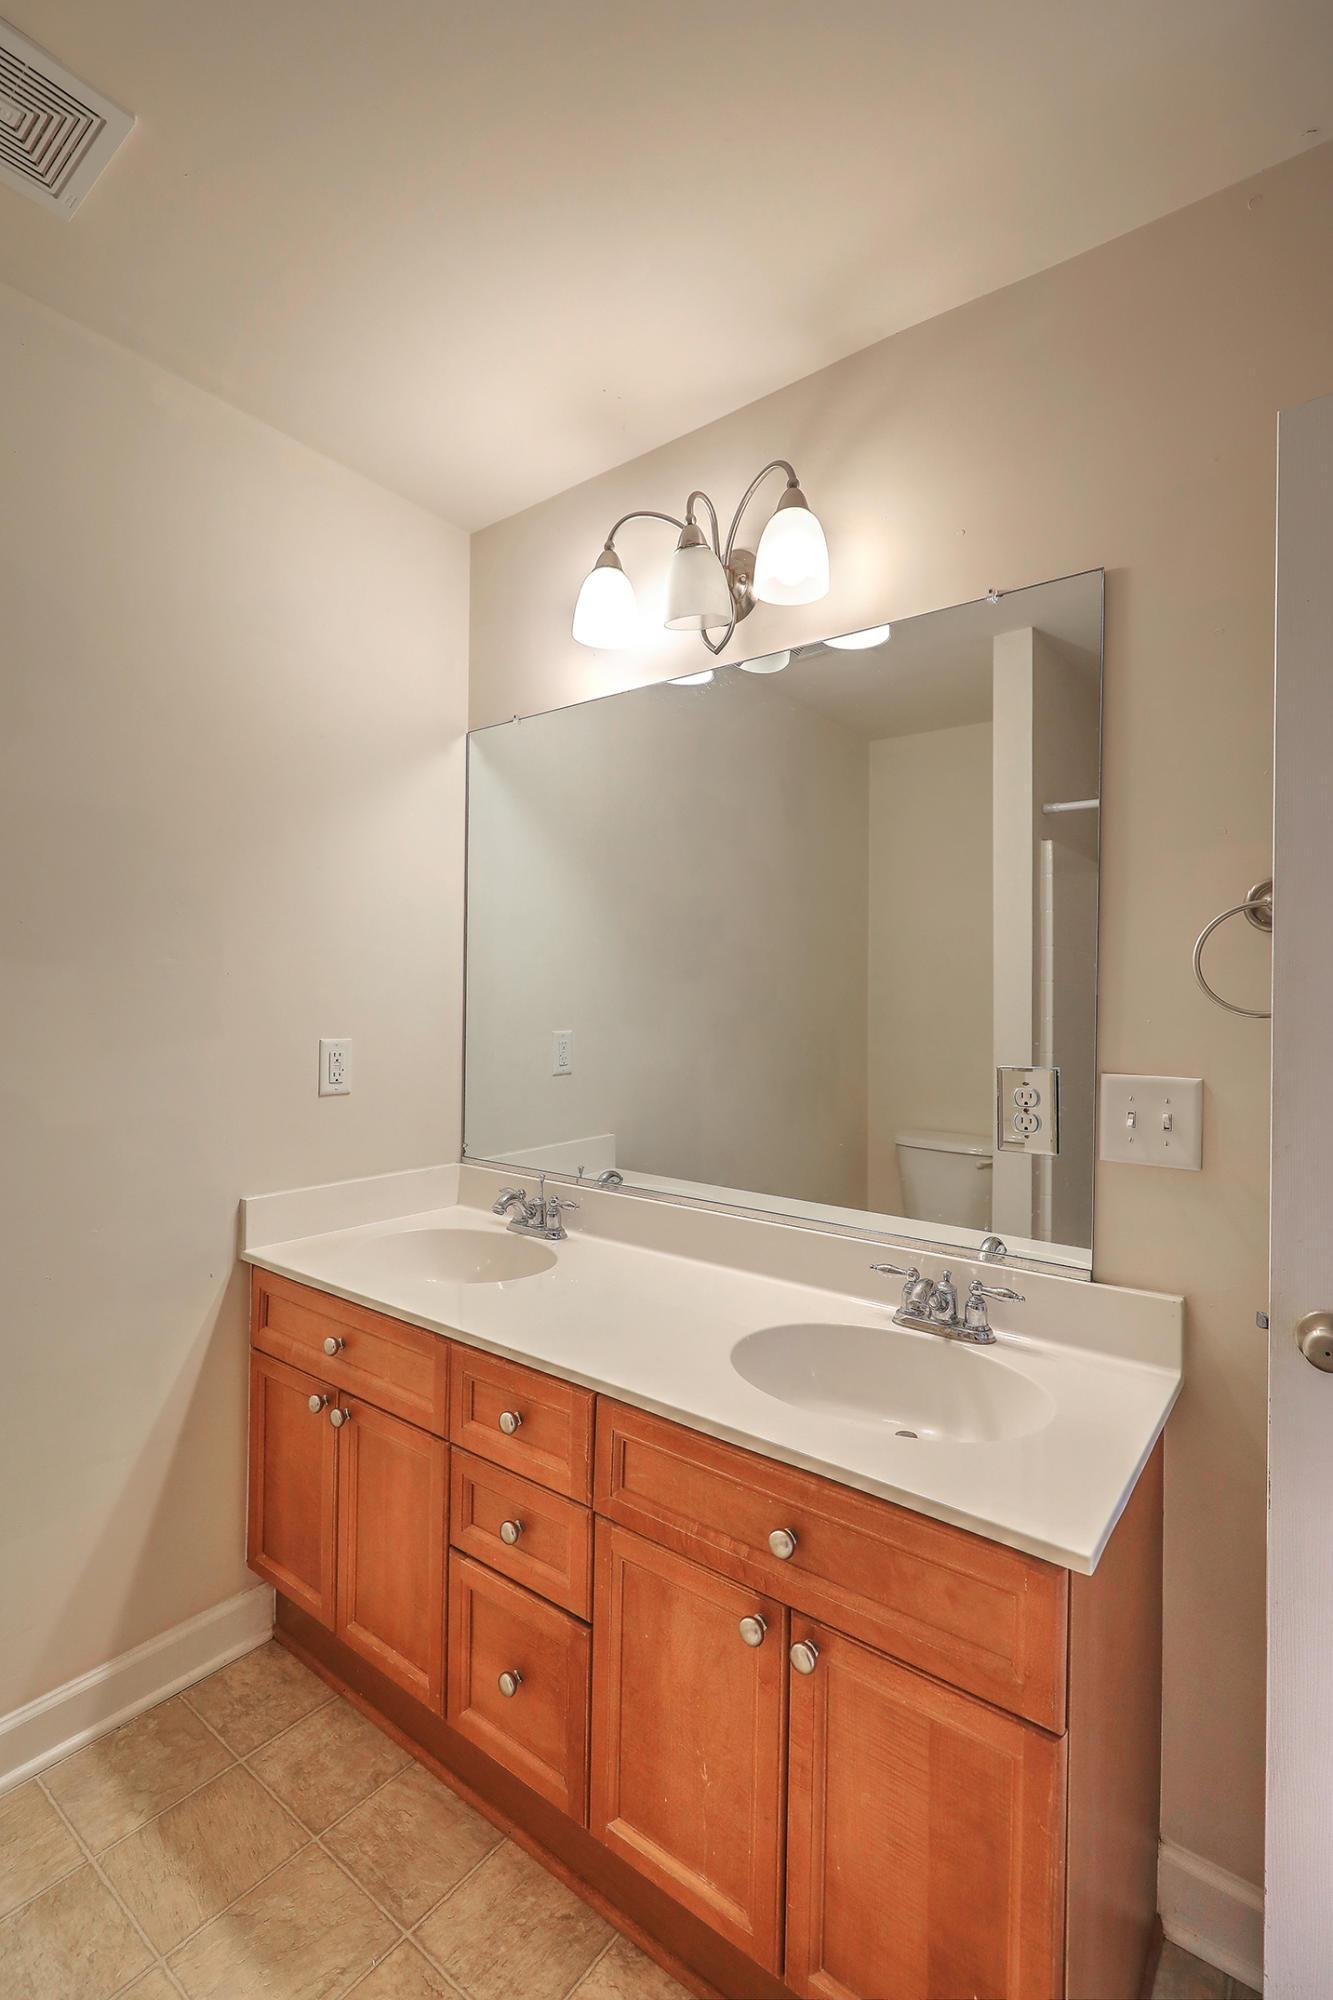 Park West Homes For Sale - 3471 Claremont, Mount Pleasant, SC - 17